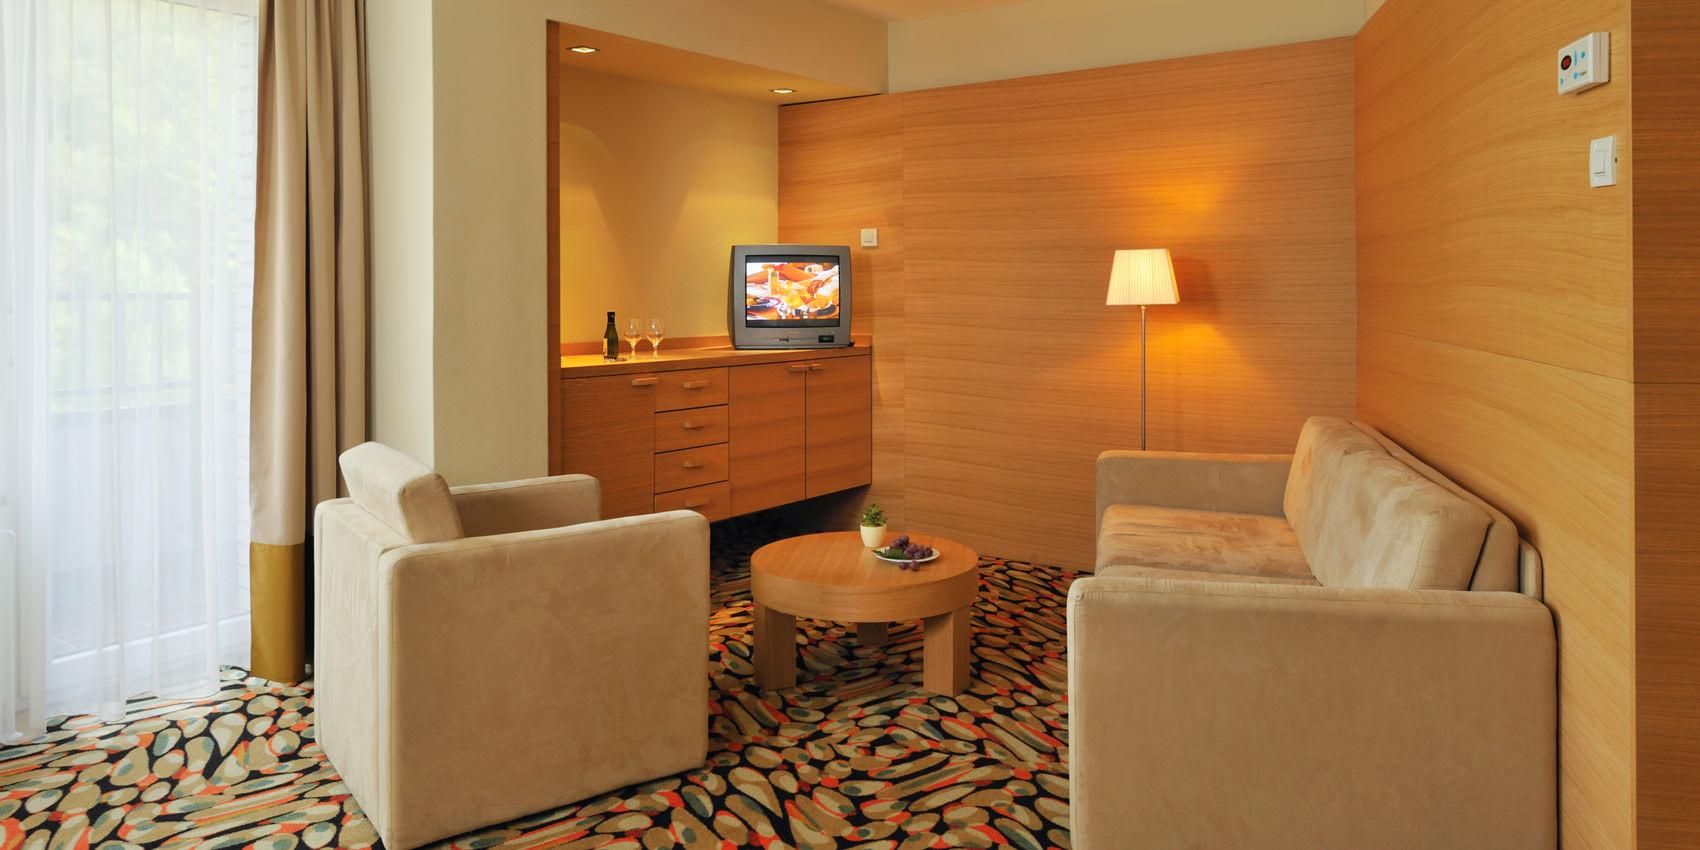 Hotel-smarjeta-suite2